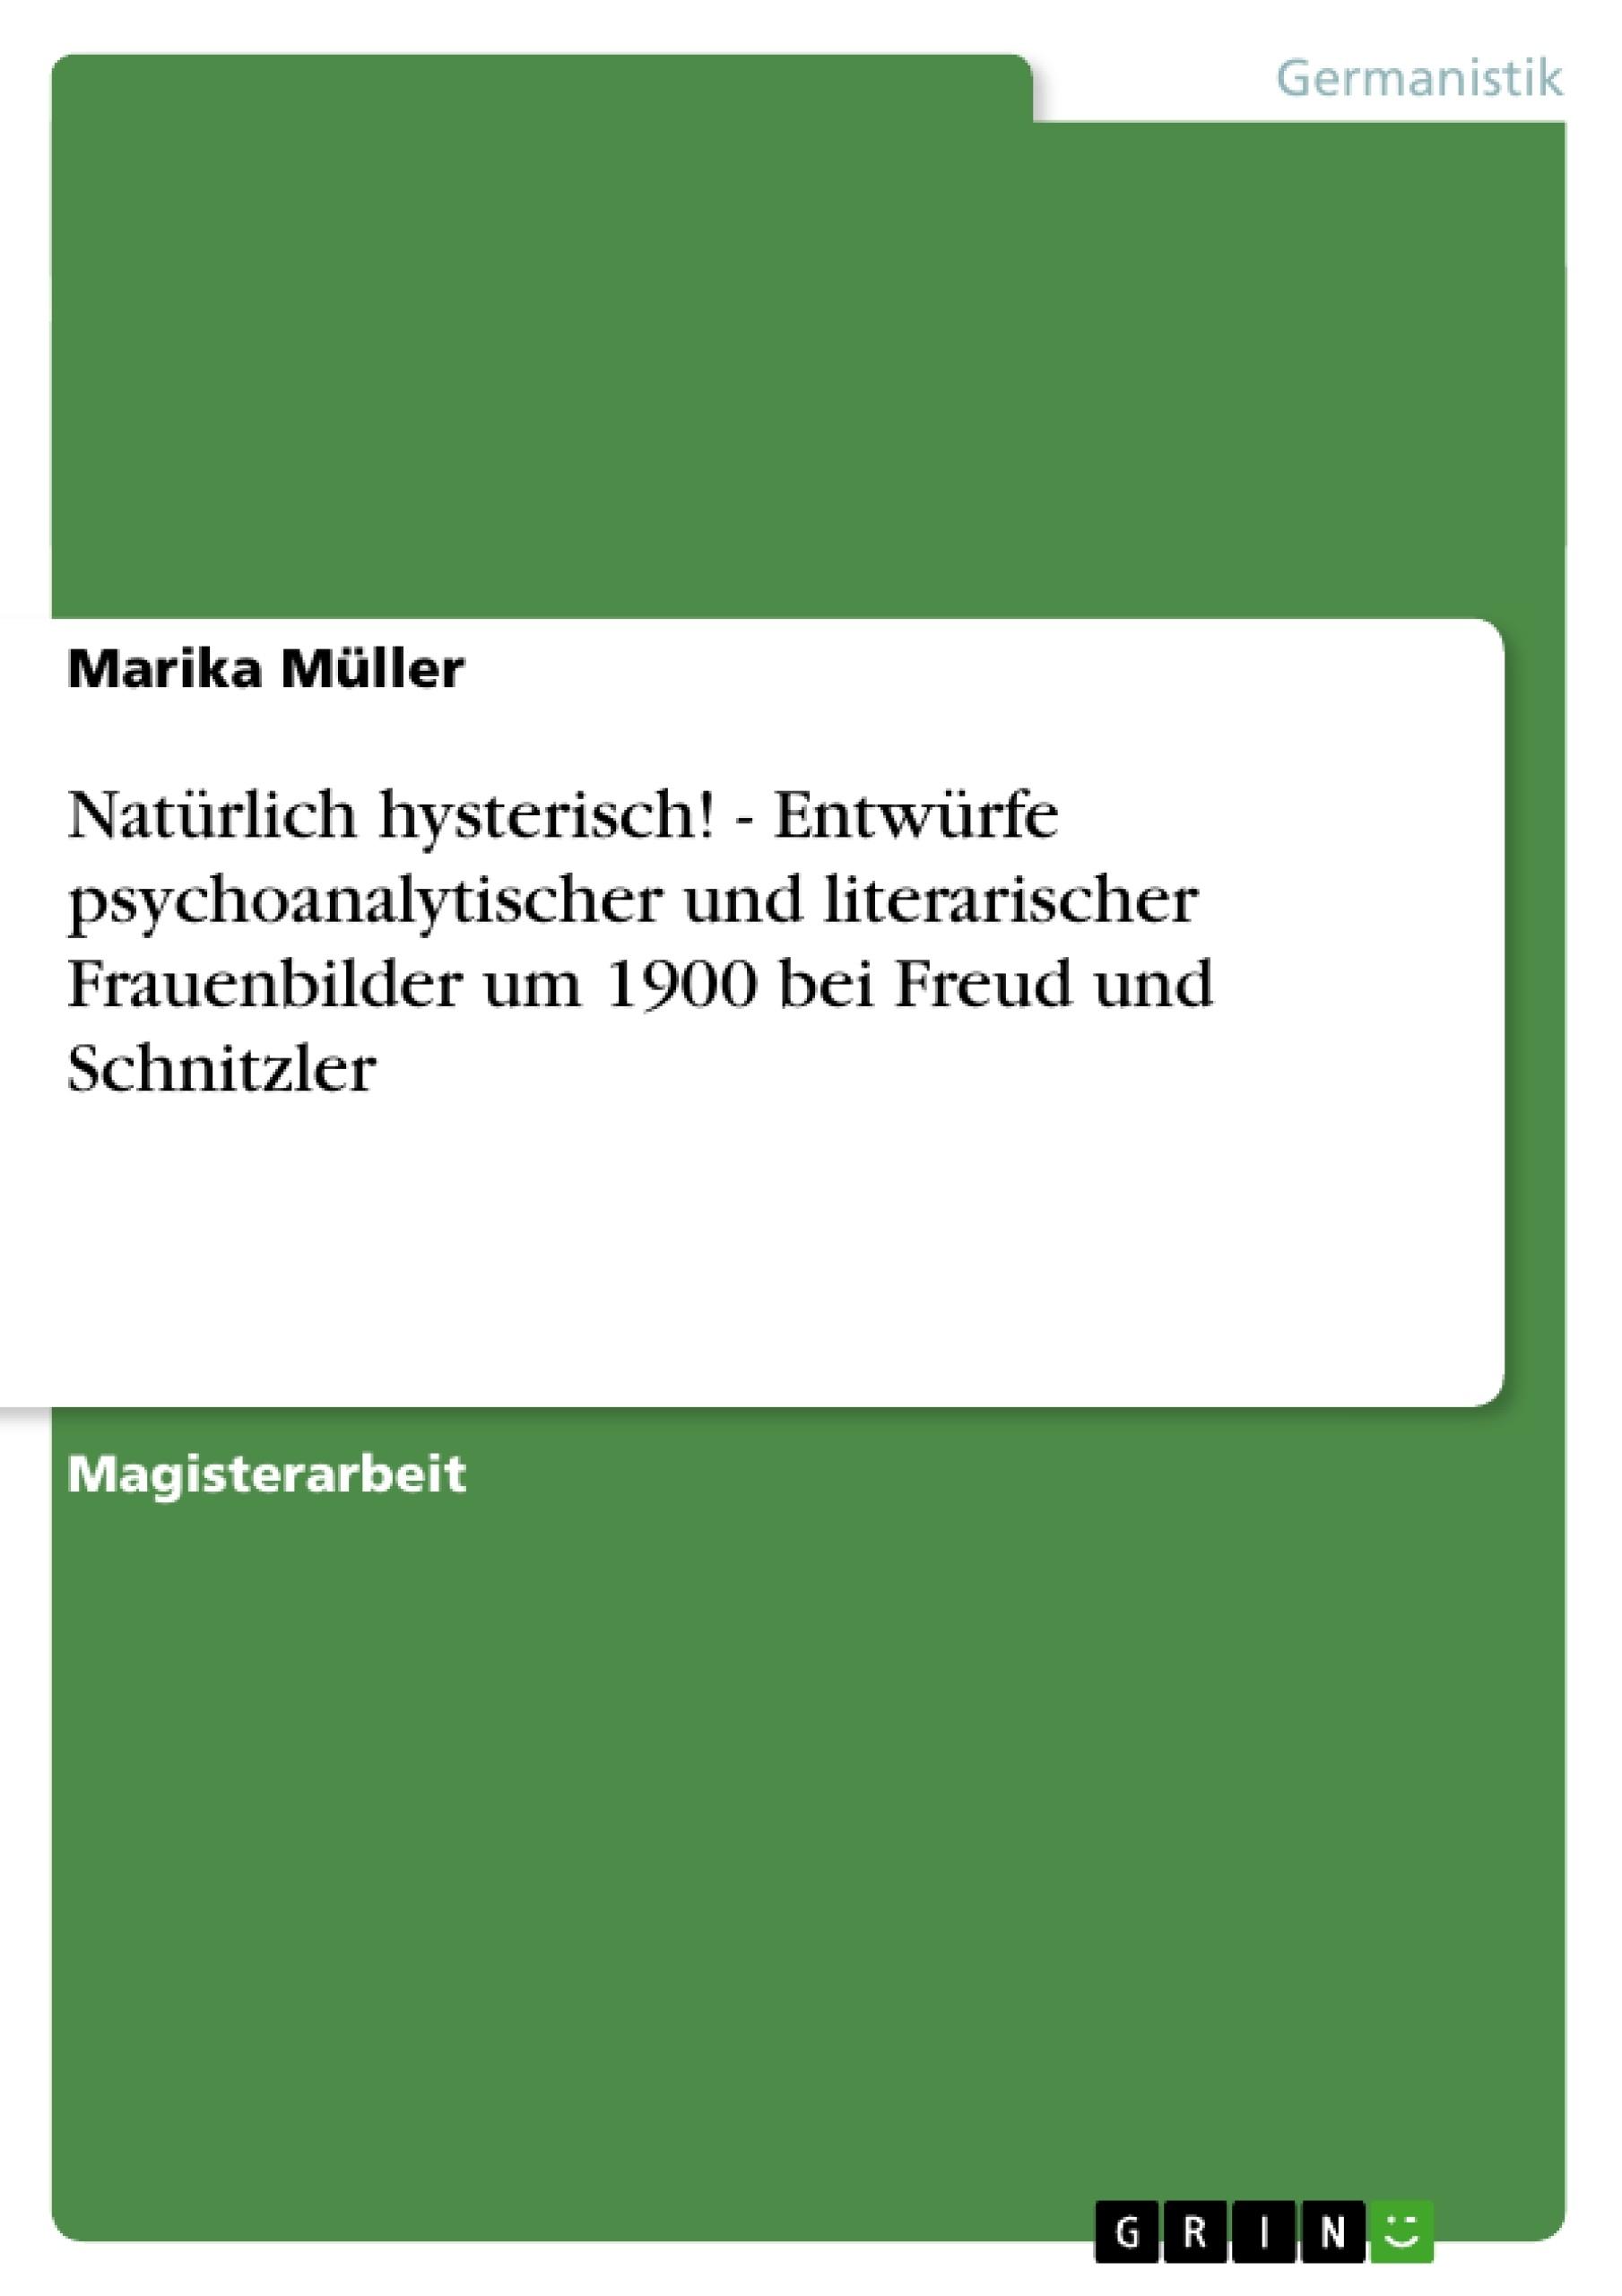 Titel: Natürlich hysterisch! - Entwürfe psychoanalytischer und literarischer Frauenbilder um 1900 bei Freud und Schnitzler